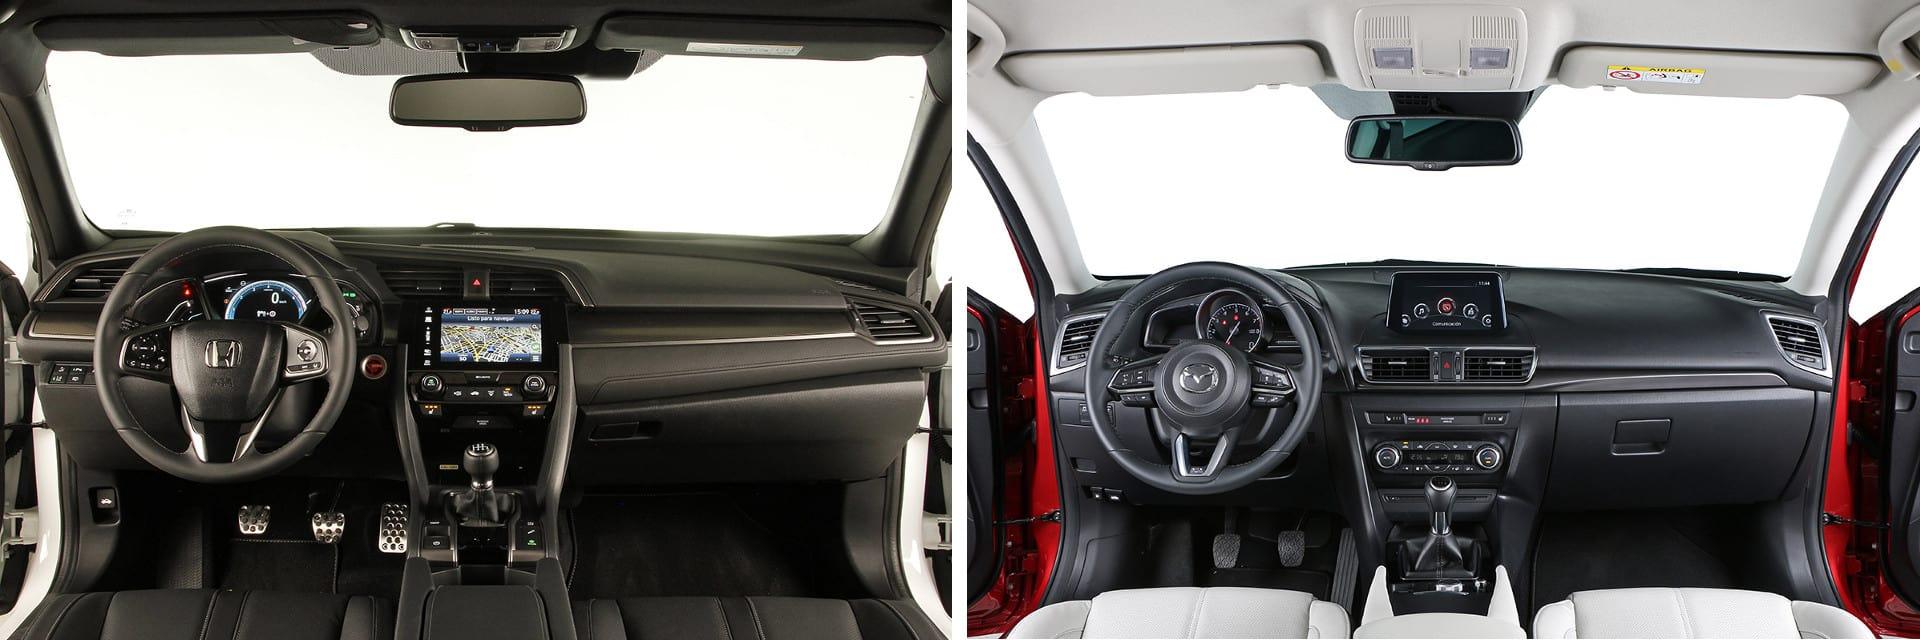 Los materiales utilizados en el interior del Mazda3 (dcha.) son más refinados que los del Civic (izq.)